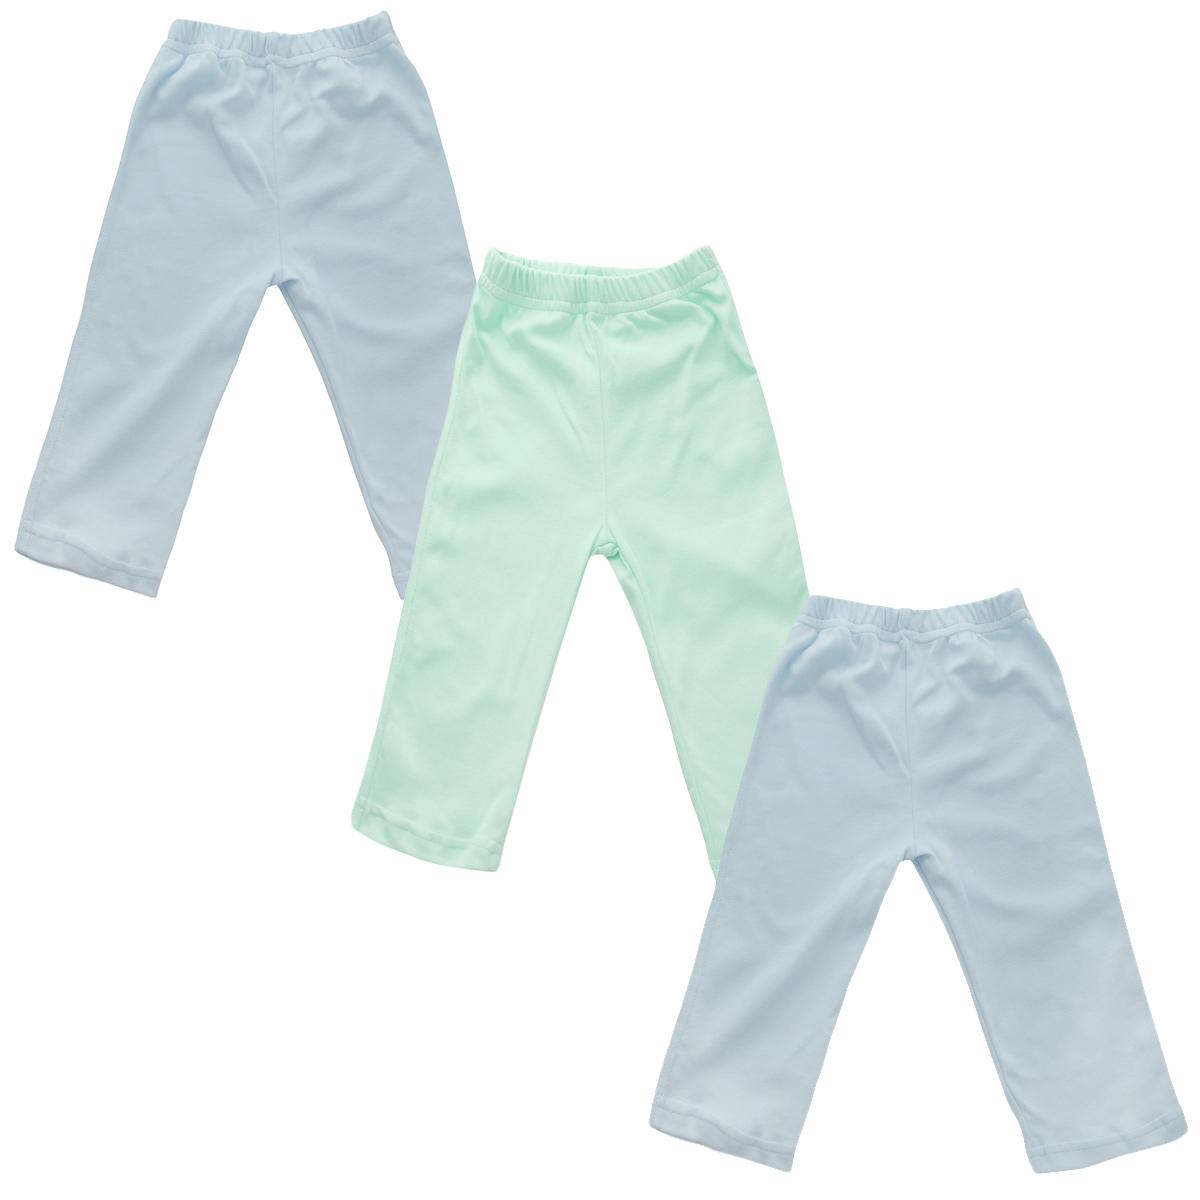 Штанишки для мальчика Фреш стайл, цвет в ассортименте, 3 шт. 37-560м. Размер 6237-560мКомплект Фреш Стайл состоит из трех штанишек для мальчика.Штанишки послужат идеальным дополнением к гардеробу малыша, обеспечивая ей наибольший комфорт. Изготовленные из натурального хлопка, они необычайно мягкие и легкие, не раздражают нежную кожу ребенка и хорошо вентилируются, а эластичные швы приятны телу малышки и не препятствуют ее движениям. Штанишки дополнены мягкой резинкой, не сдавливающей животик ребенка. Штанишки очень удобный и практичный вид одежды для малышей. Отлично сочетаются с футболками, кофточками и боди.В таких штанишках вашему малышу будет уютно и комфортно!УВАЖАЕМЫЕ КЛИЕНТЫ!Обращаем ваше внимание на тот факт, что товар поставляется в цветовом ассортименте. Поставка осуществляется в зависимости от наличия на складе.